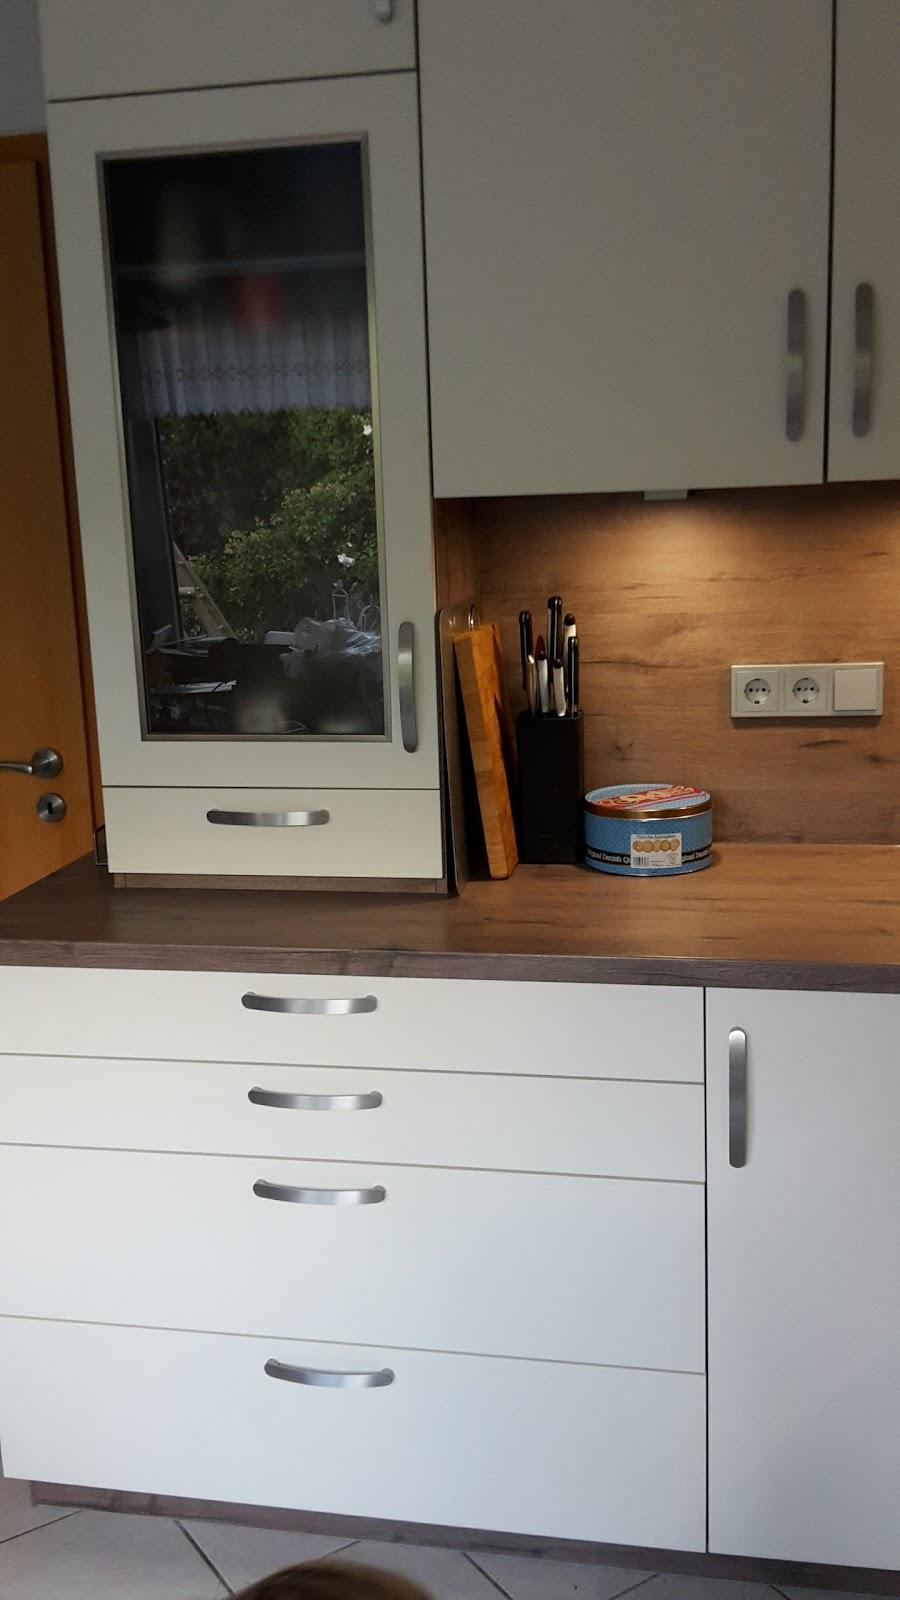 mein erfolgreiches kleines familienunternehmen meine neue k che. Black Bedroom Furniture Sets. Home Design Ideas